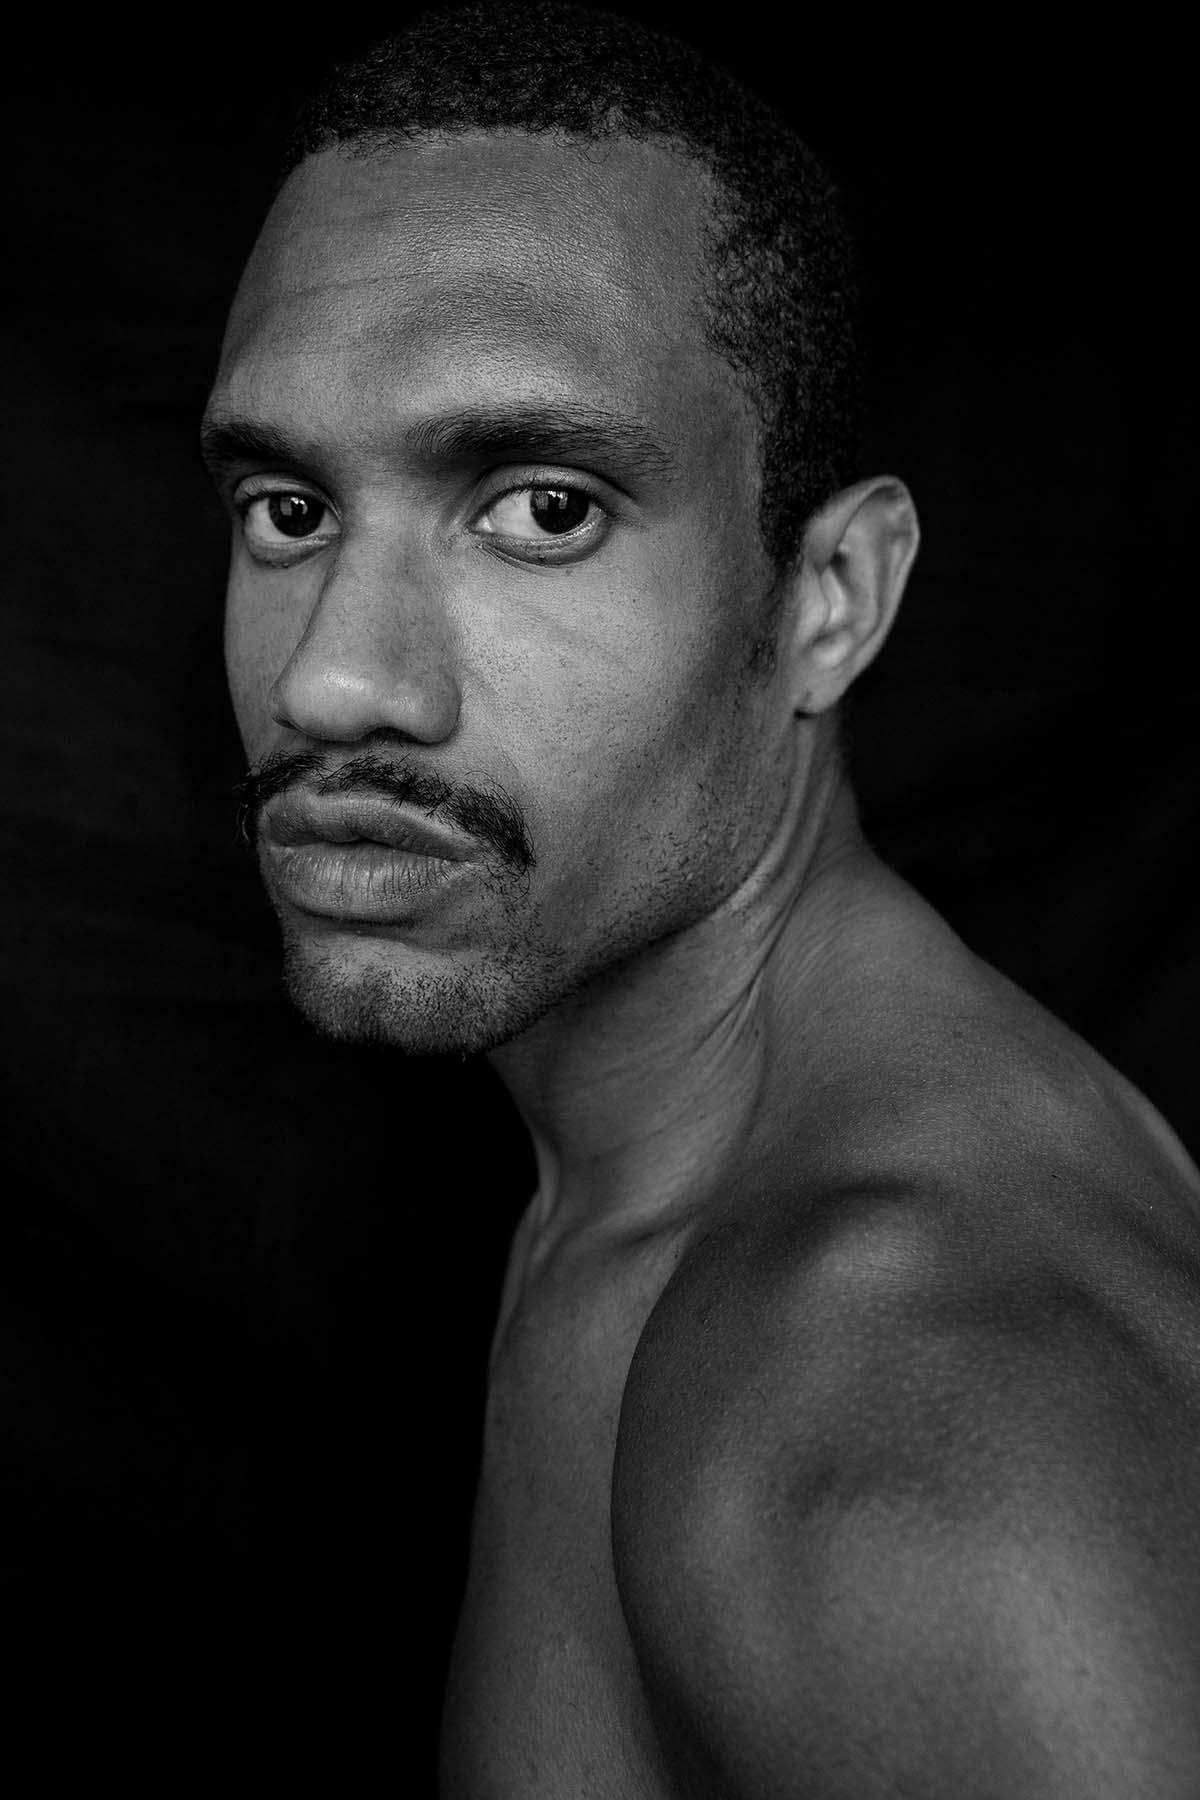 Wesley Roque by Gilson de Rezende for Brazilian Male Model